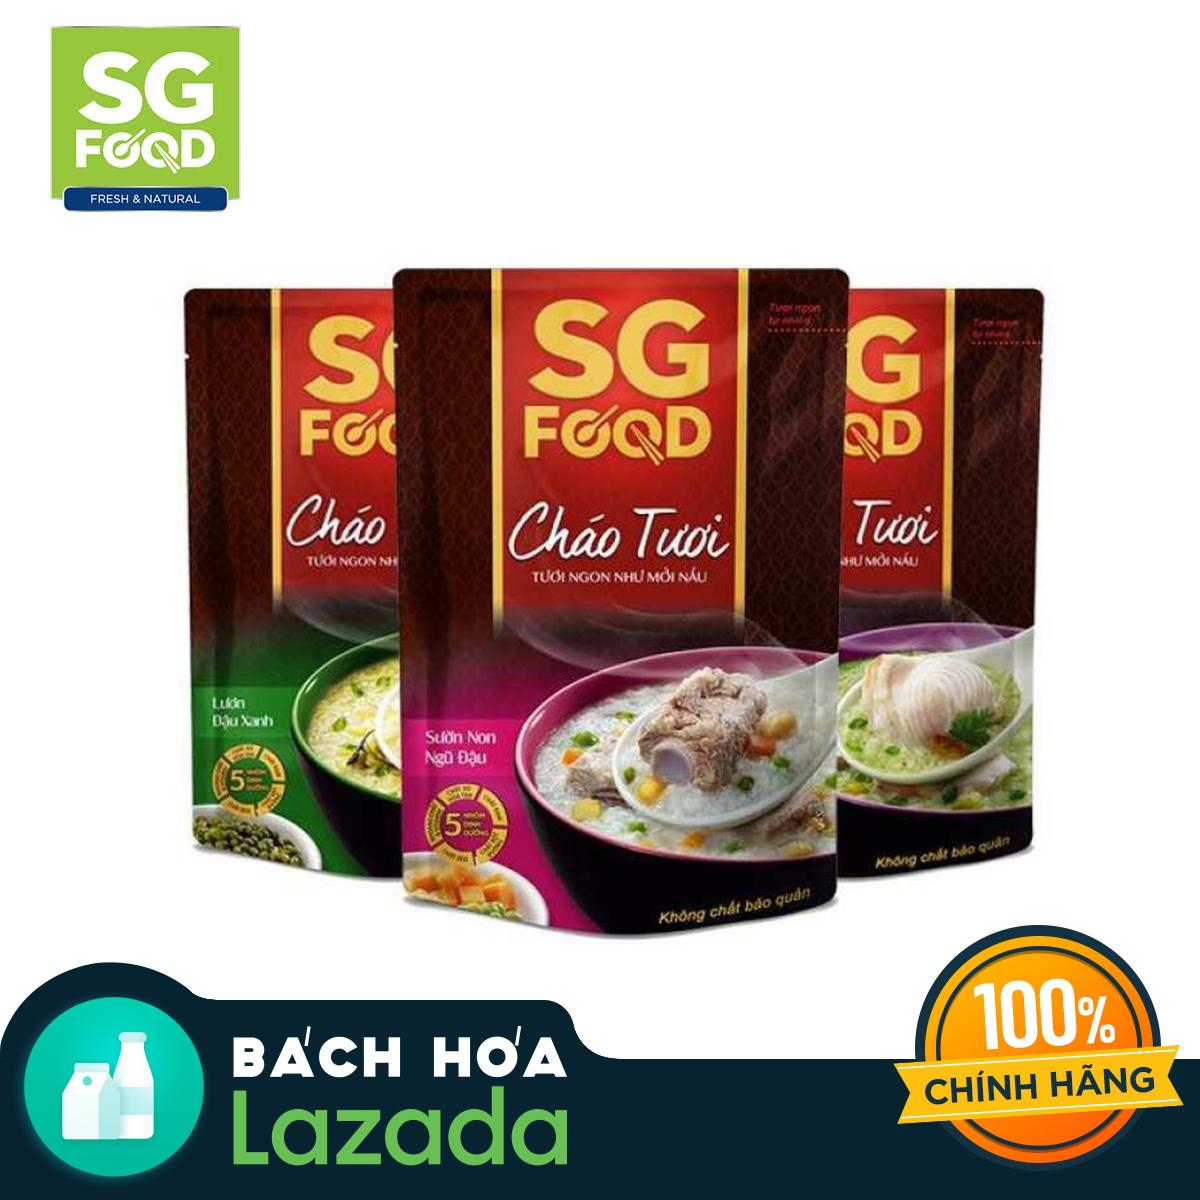 Voucher Khuyến Mại Combo 3 Gói Cháo Tươi Sài Gòn Food 270g (vị Lươn, Cá Lóc, Sườn)